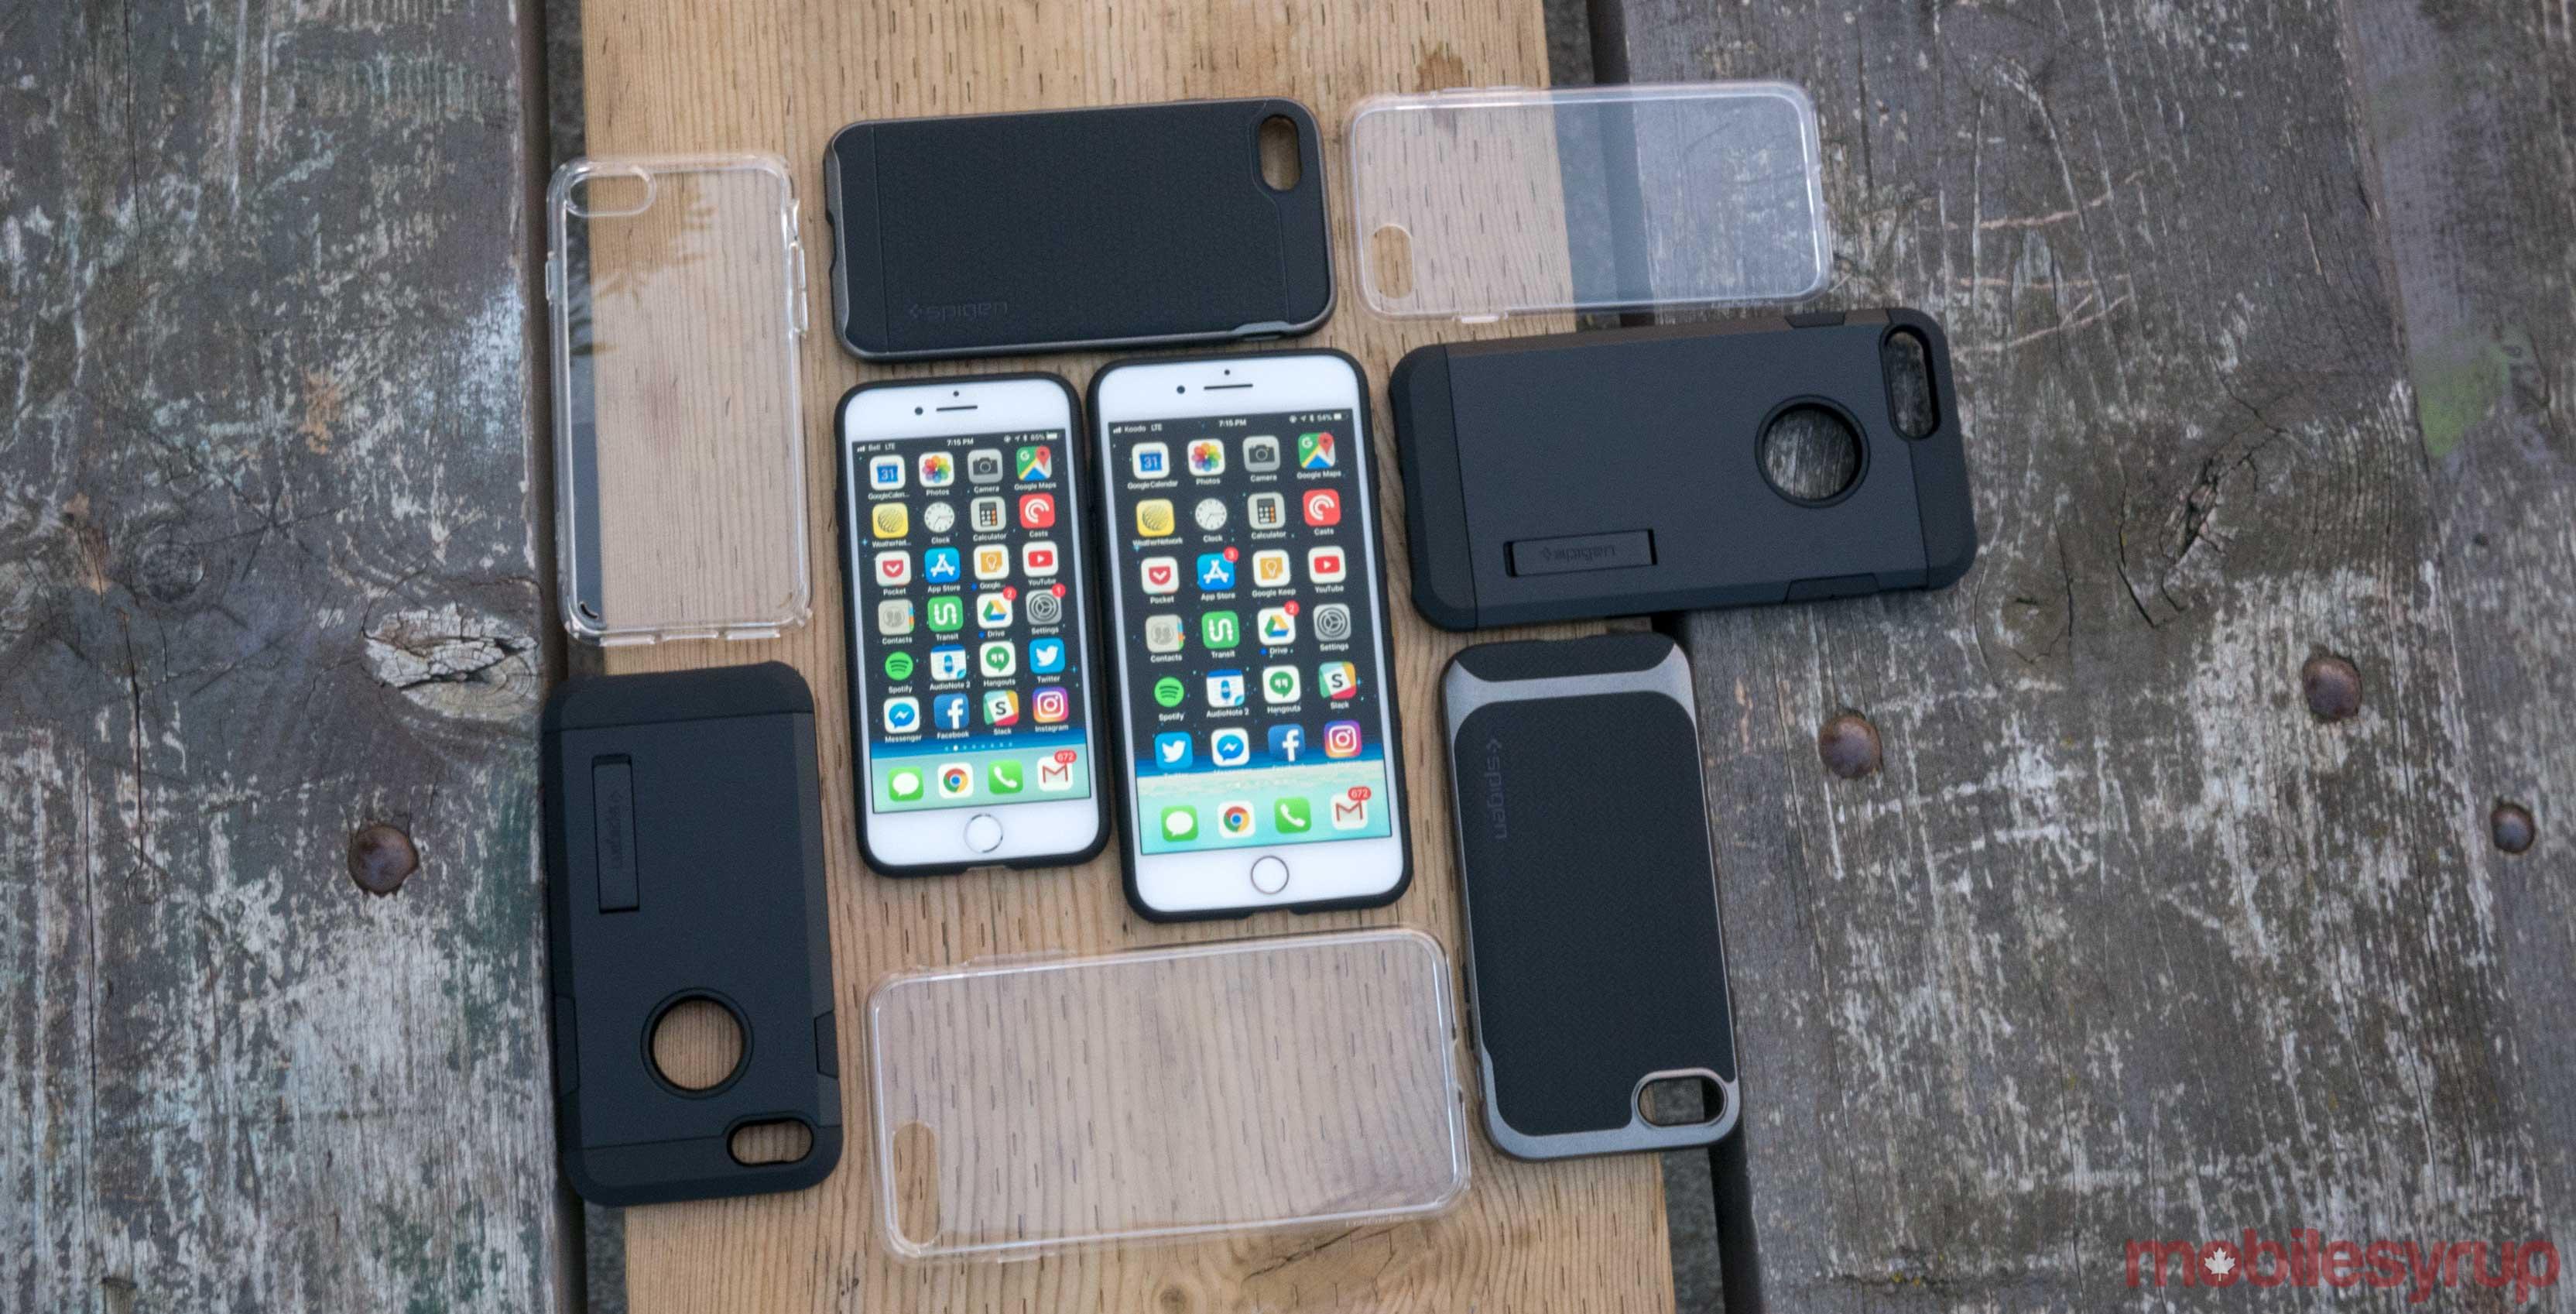 Spigen iPhone 8 Cases